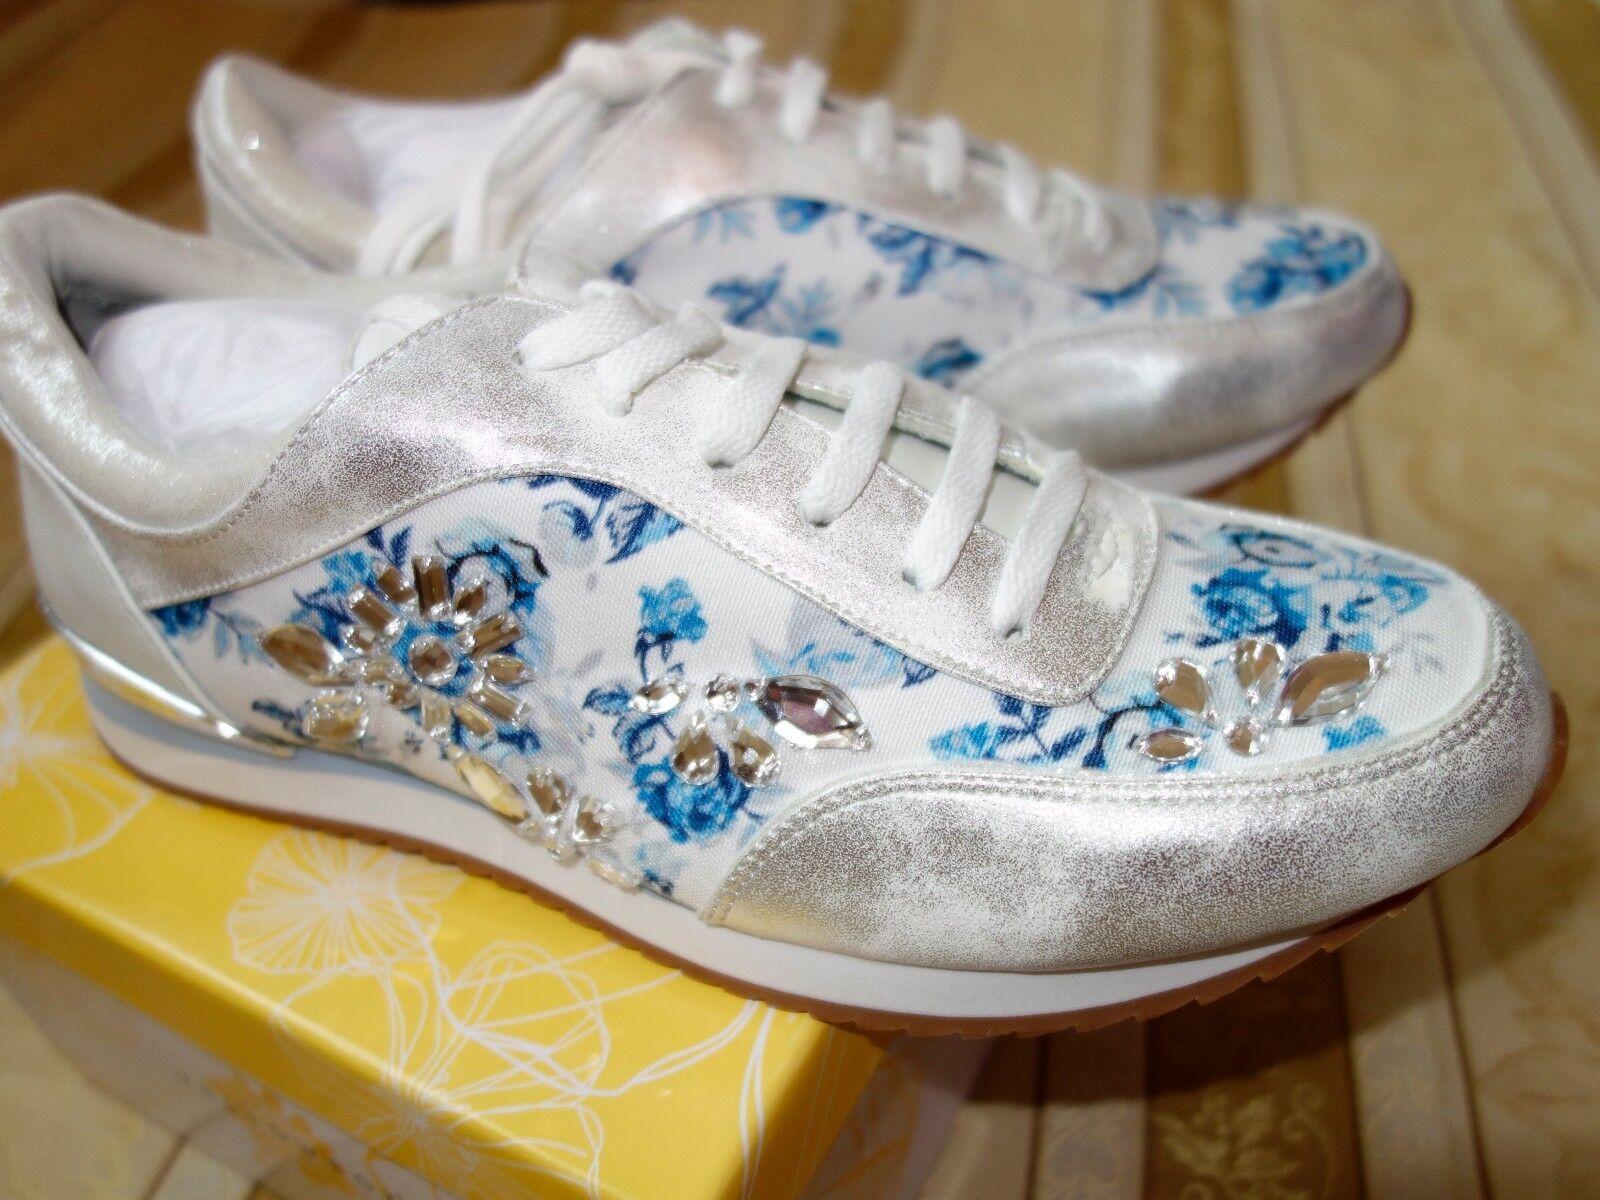 Nuevo cuadro amarillo Lumi Moda Para mujeres Zapatos Talla Talla Talla 8 M  echa un vistazo a los más baratos